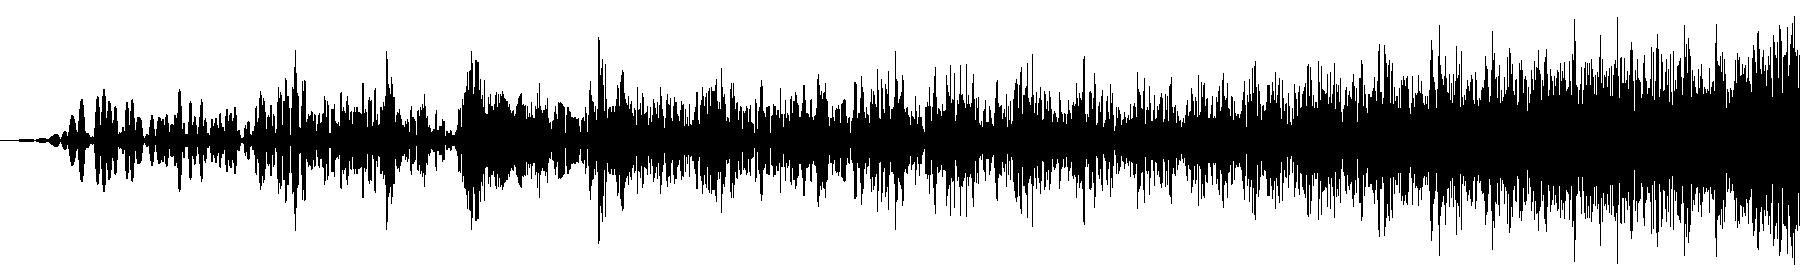 veh3 fx 081